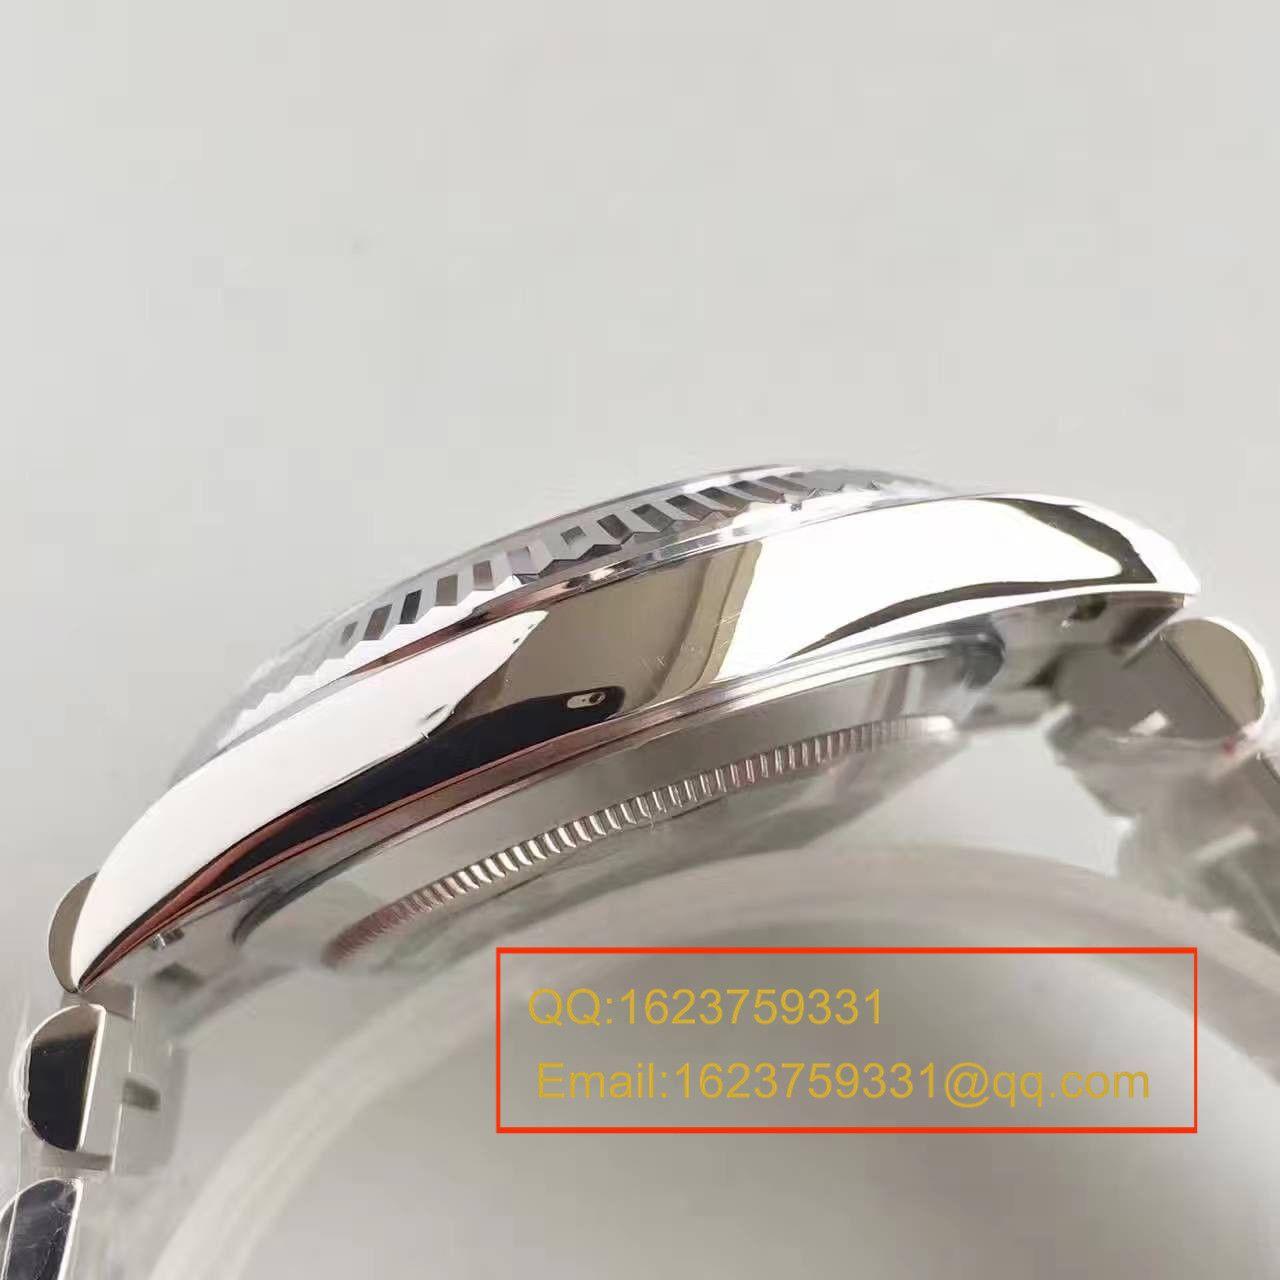 【N厂一比一超A高仿手表】劳力士星期日历型系列M228239-0046腕表 / RBE066